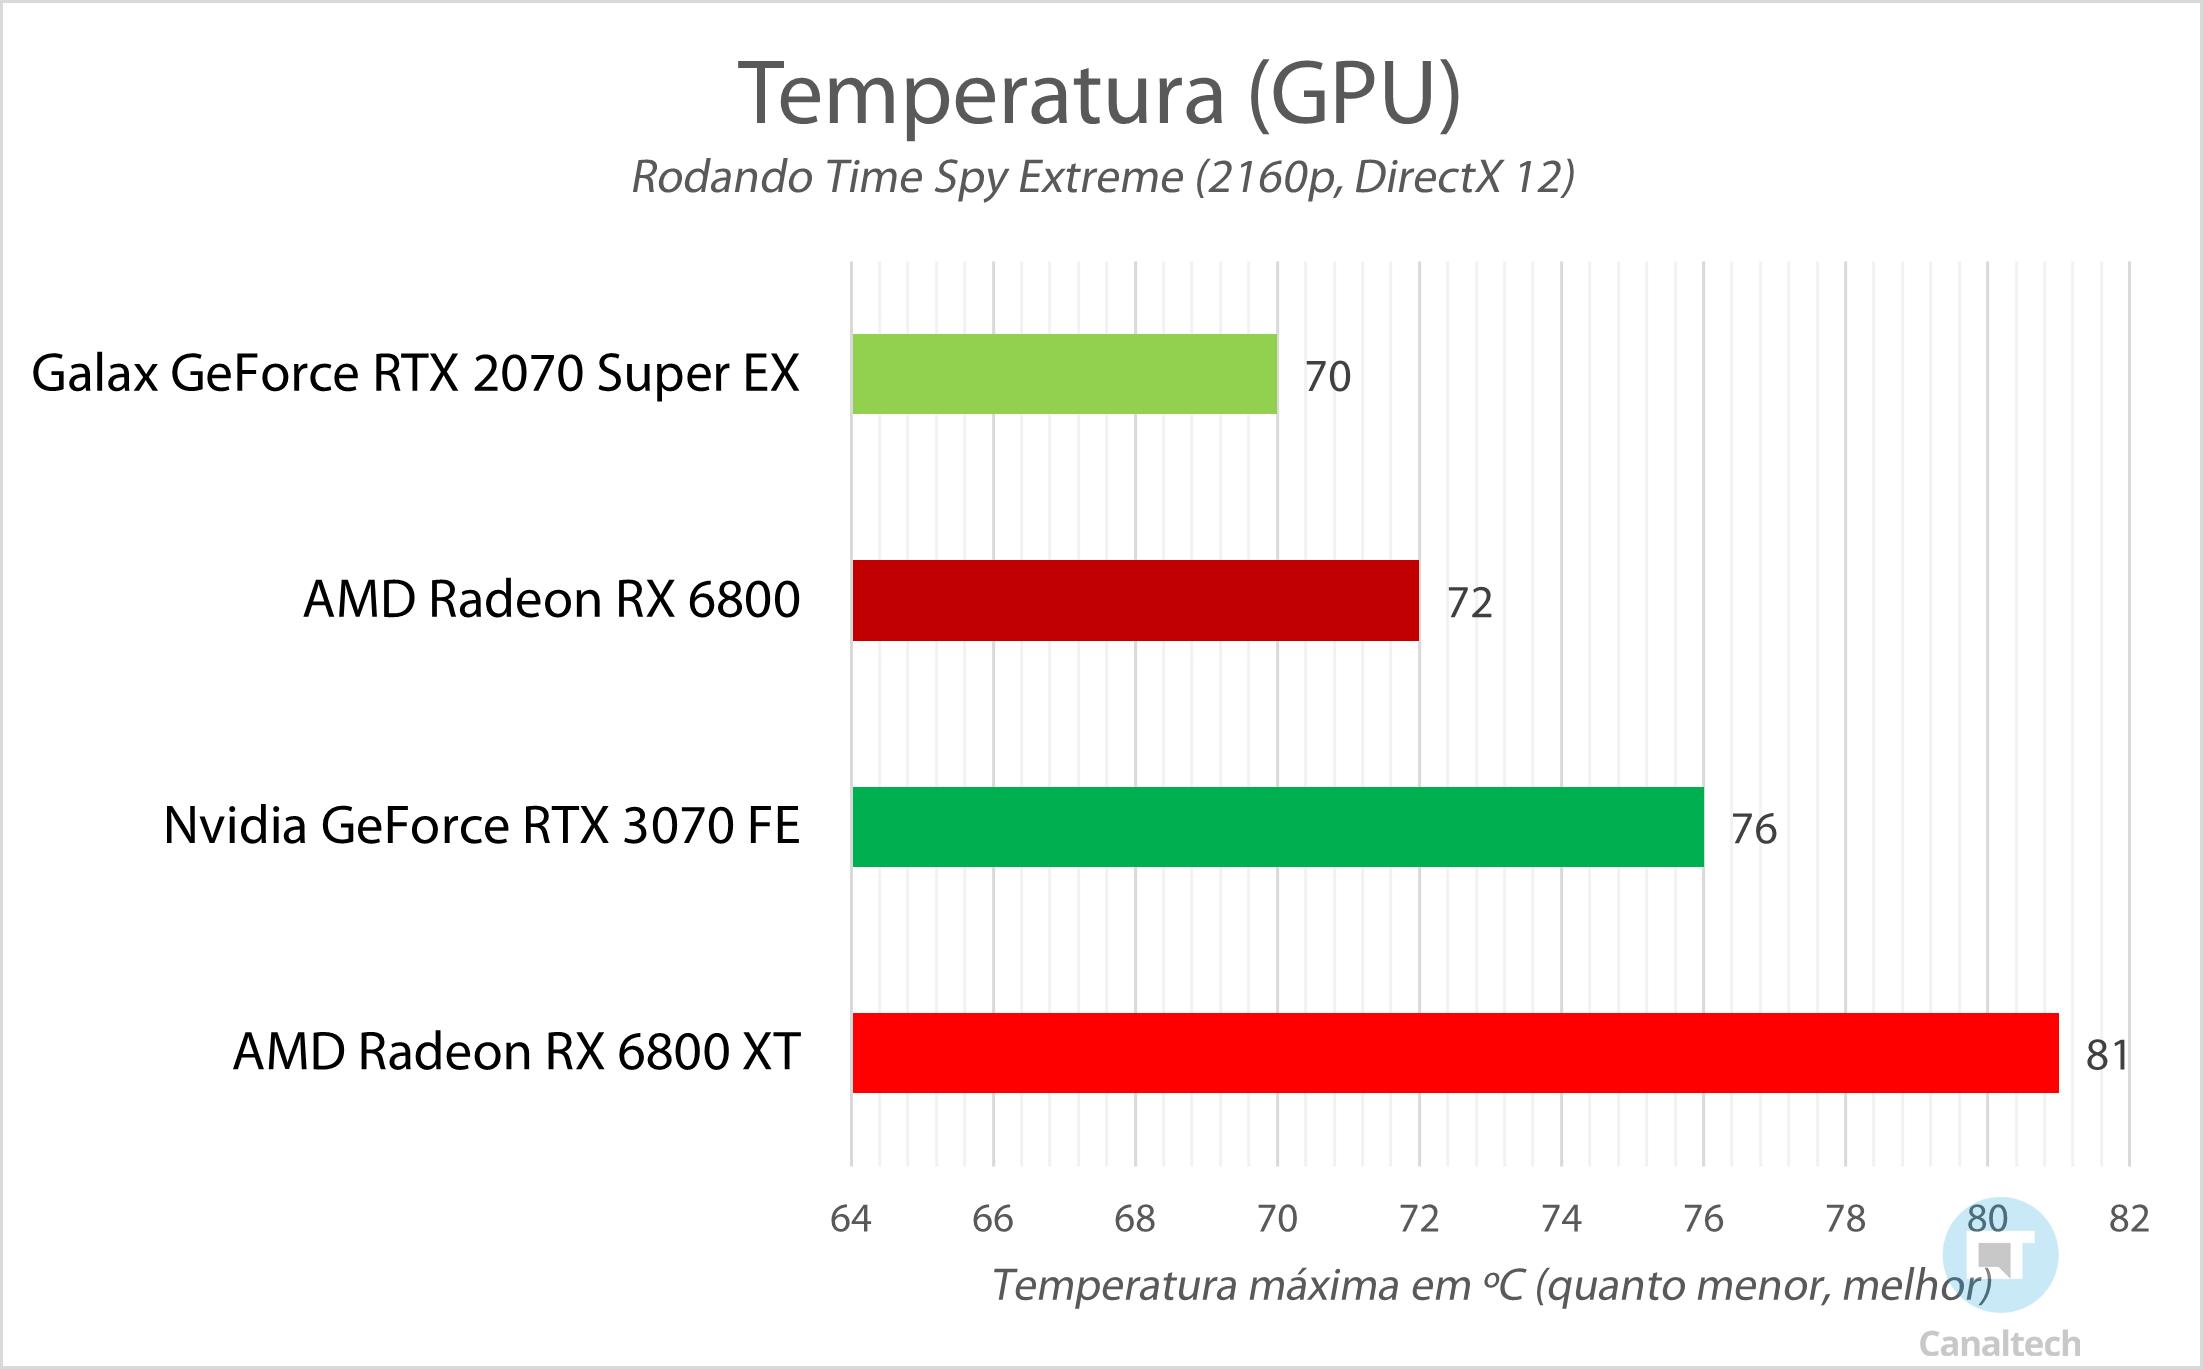 Benchmark de temperatura: sistema rodando Time Spy Extreme em Quad HD